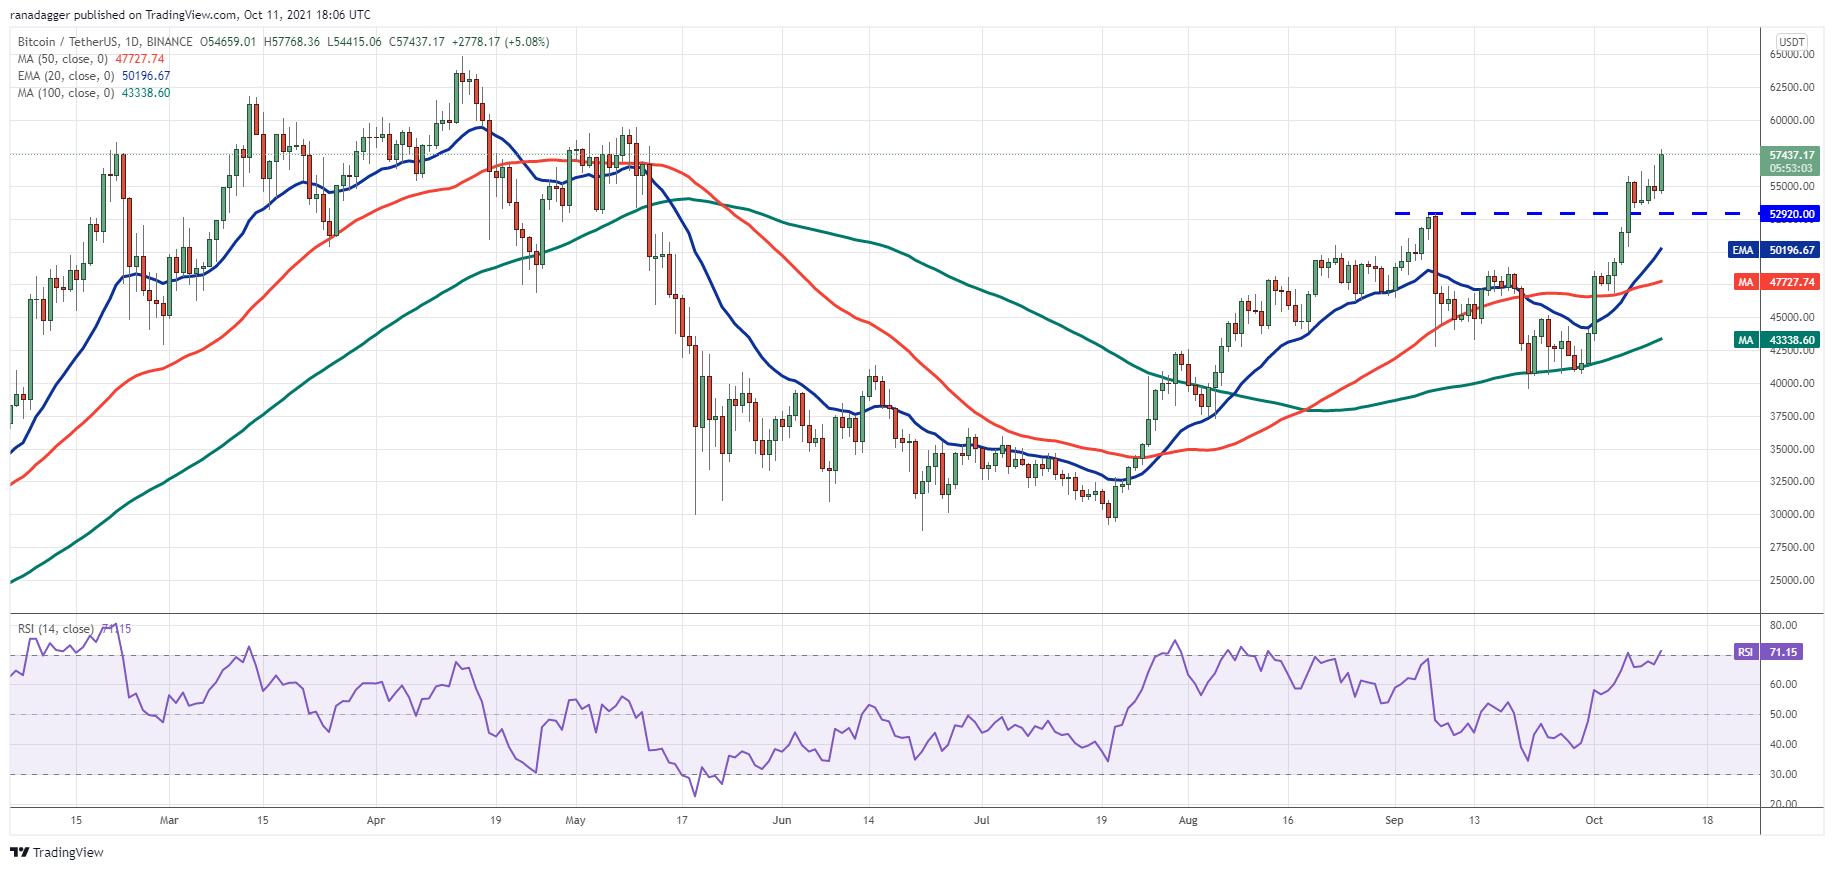 """0月11日价格分析:BTC、ETH、BNB、ADA、XRP、SOL、DOGE、DOT、LUNA、UNI"""""""